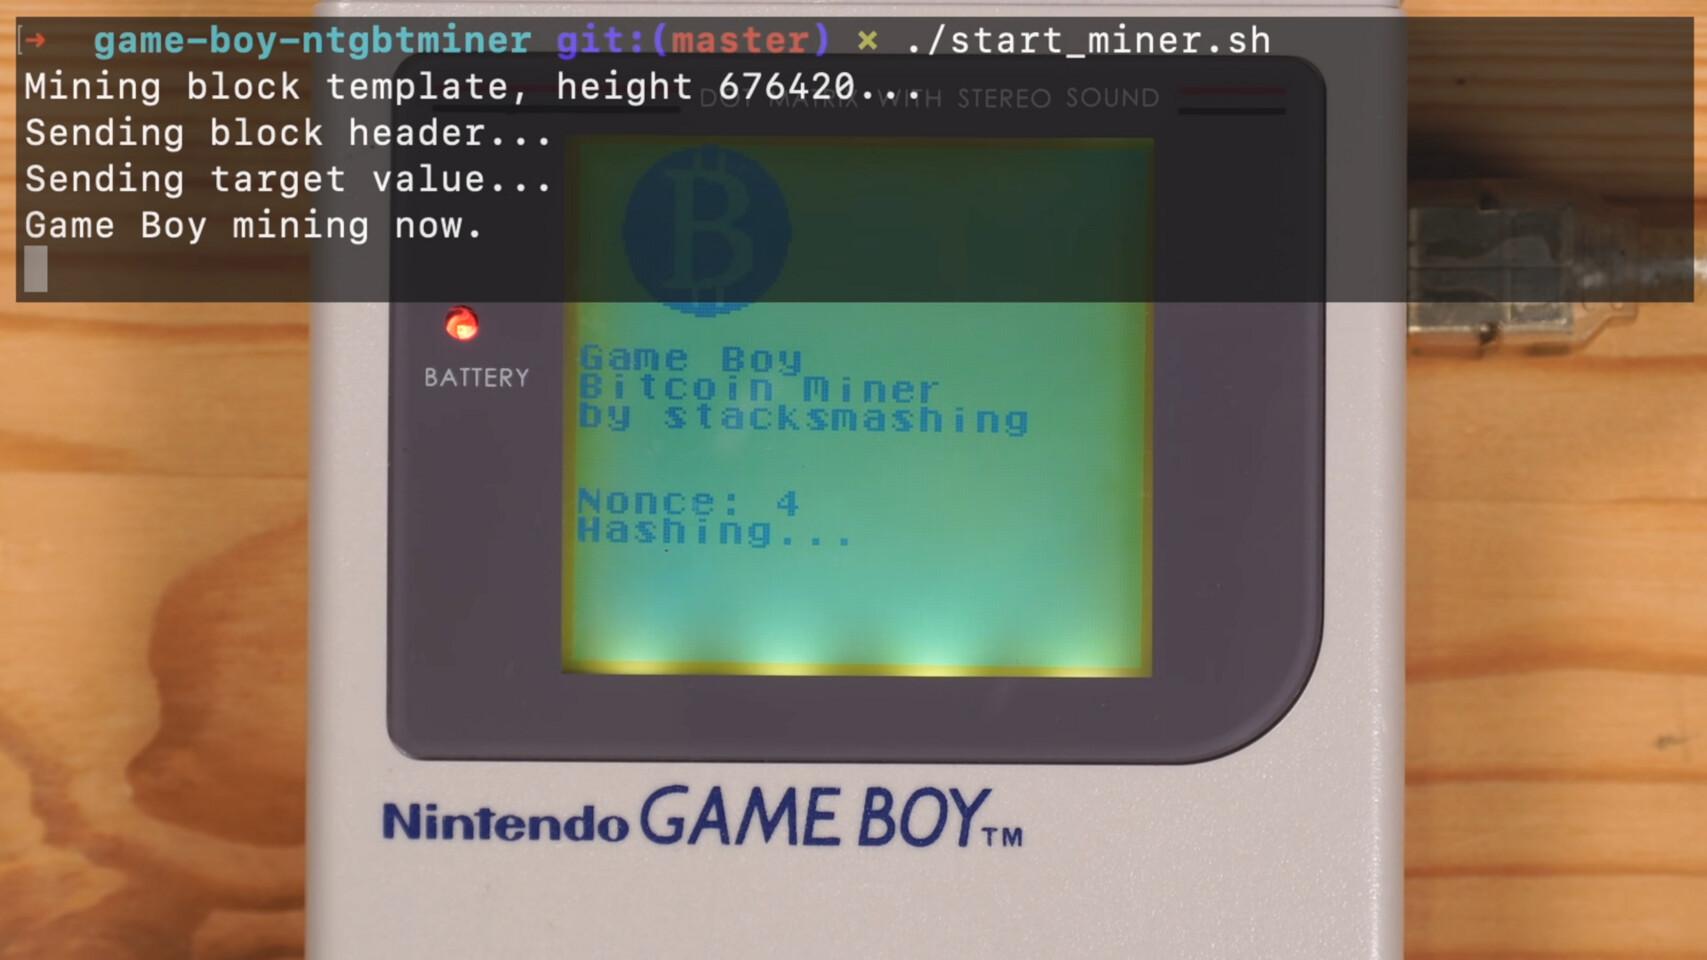 ماین بیتکوین با استفاده از کنسول 32 ساله Game Boy کمپانی نینتندو!